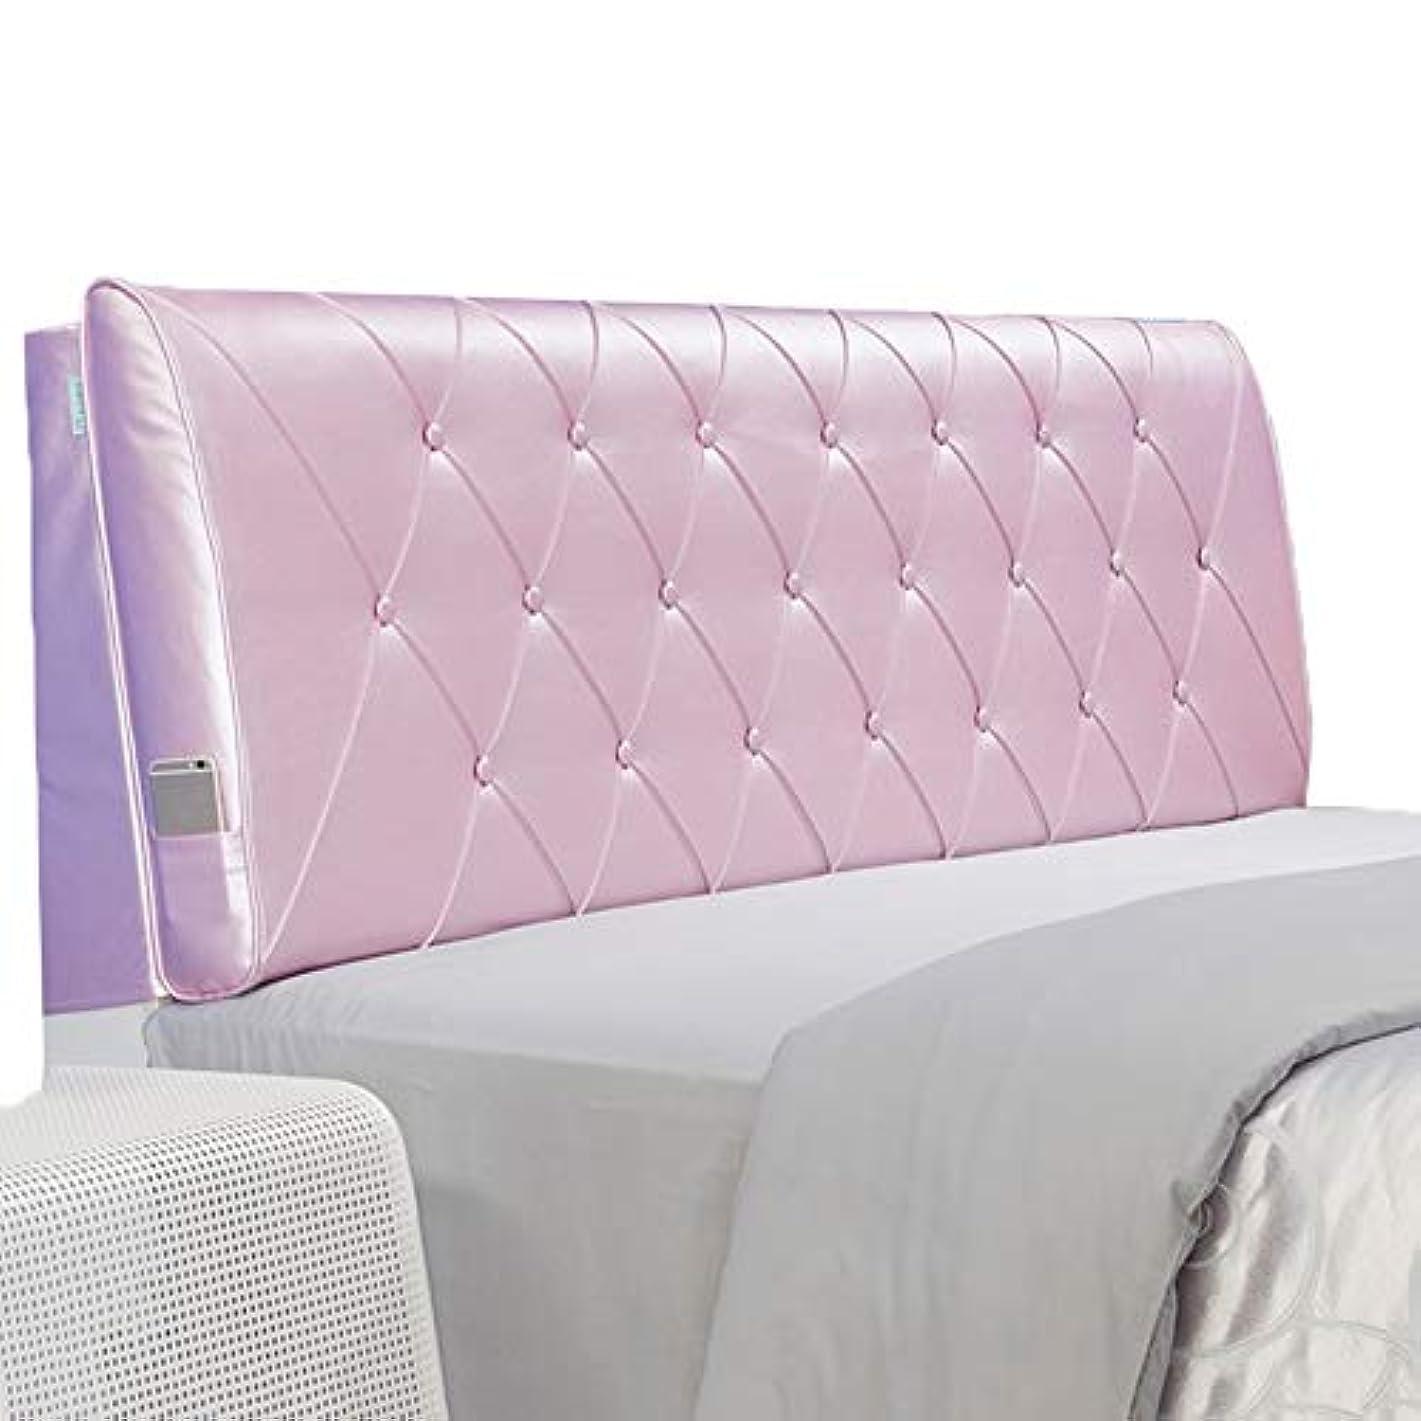 補助望む簡略化するLIANGLIANG クッションベッドの背もたれベッドルームベッドサイドソフトパックダブル人物エクストララージソフトで快適な暖かい、5色、6サイズ (色 : Pink, サイズ さいず : 200x60x11cm)